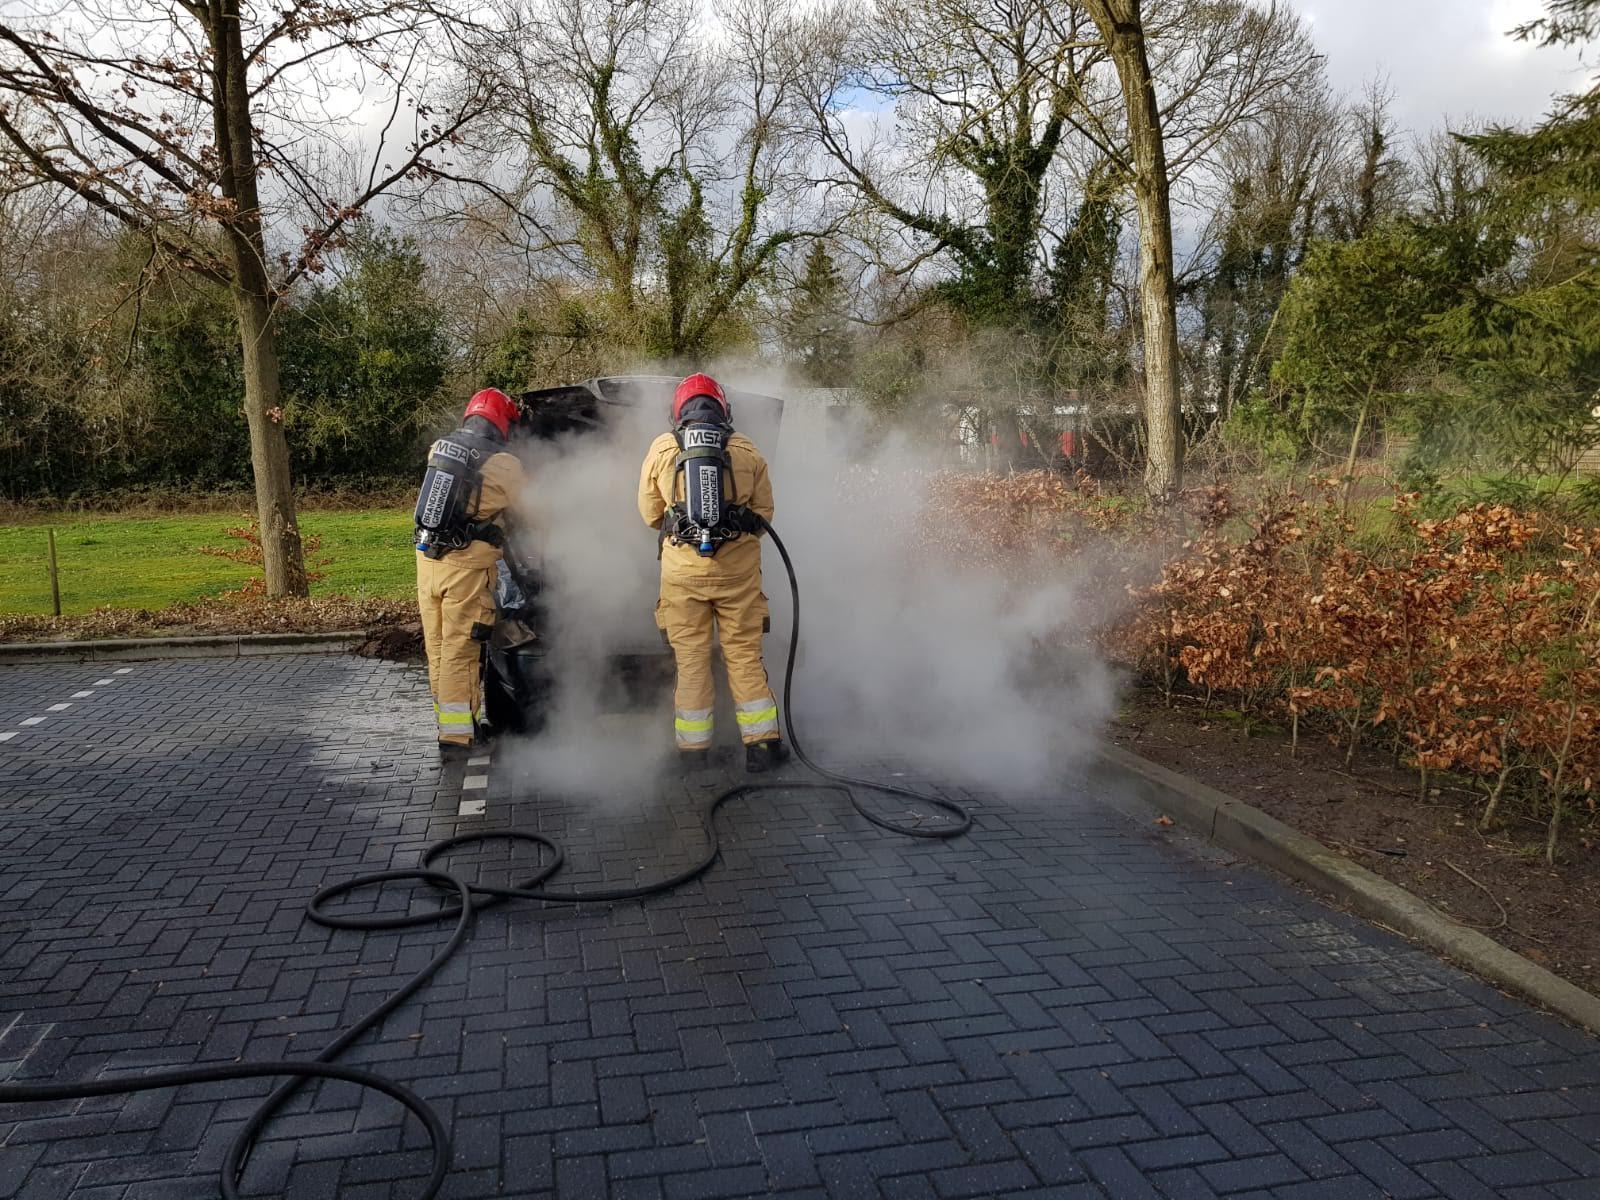 15-03-2019 autobrand Vlagtwedde